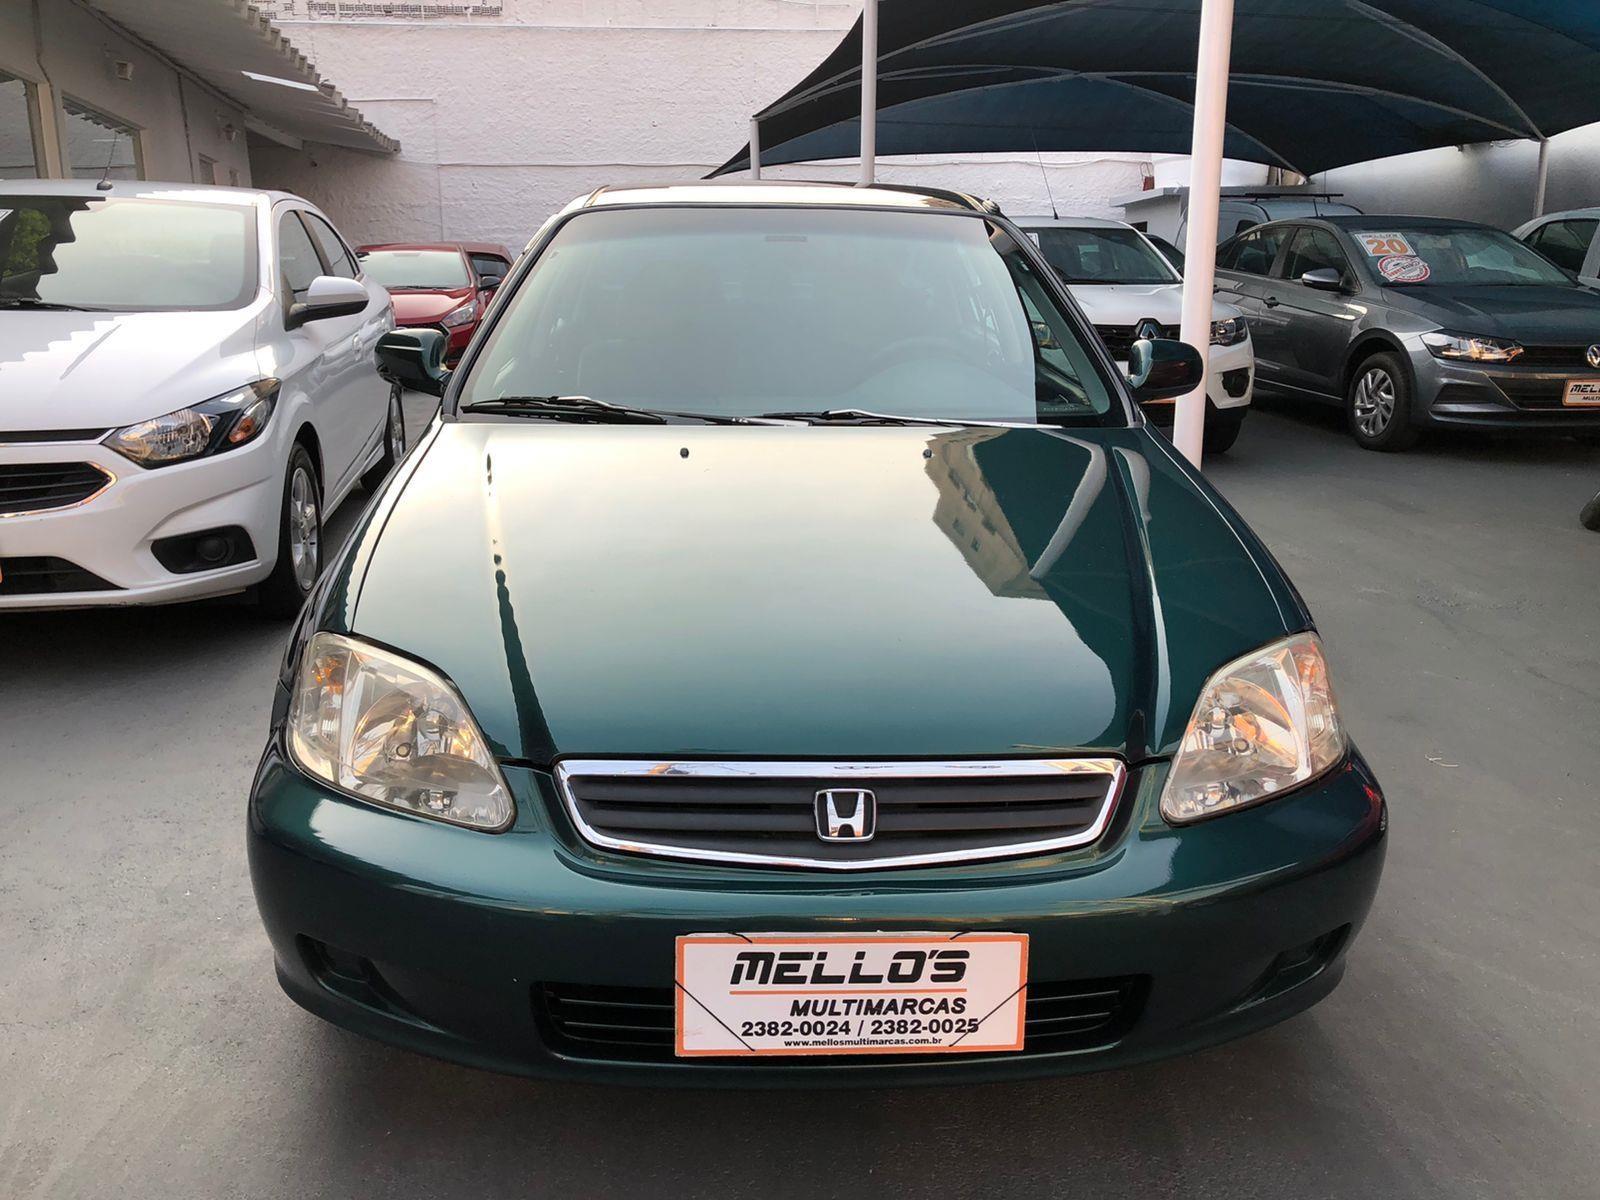 //www.autoline.com.br/carro/honda/civic-16-lx-16v-gasolina-4p-automatico/1999/guarulhos-sp/15488462